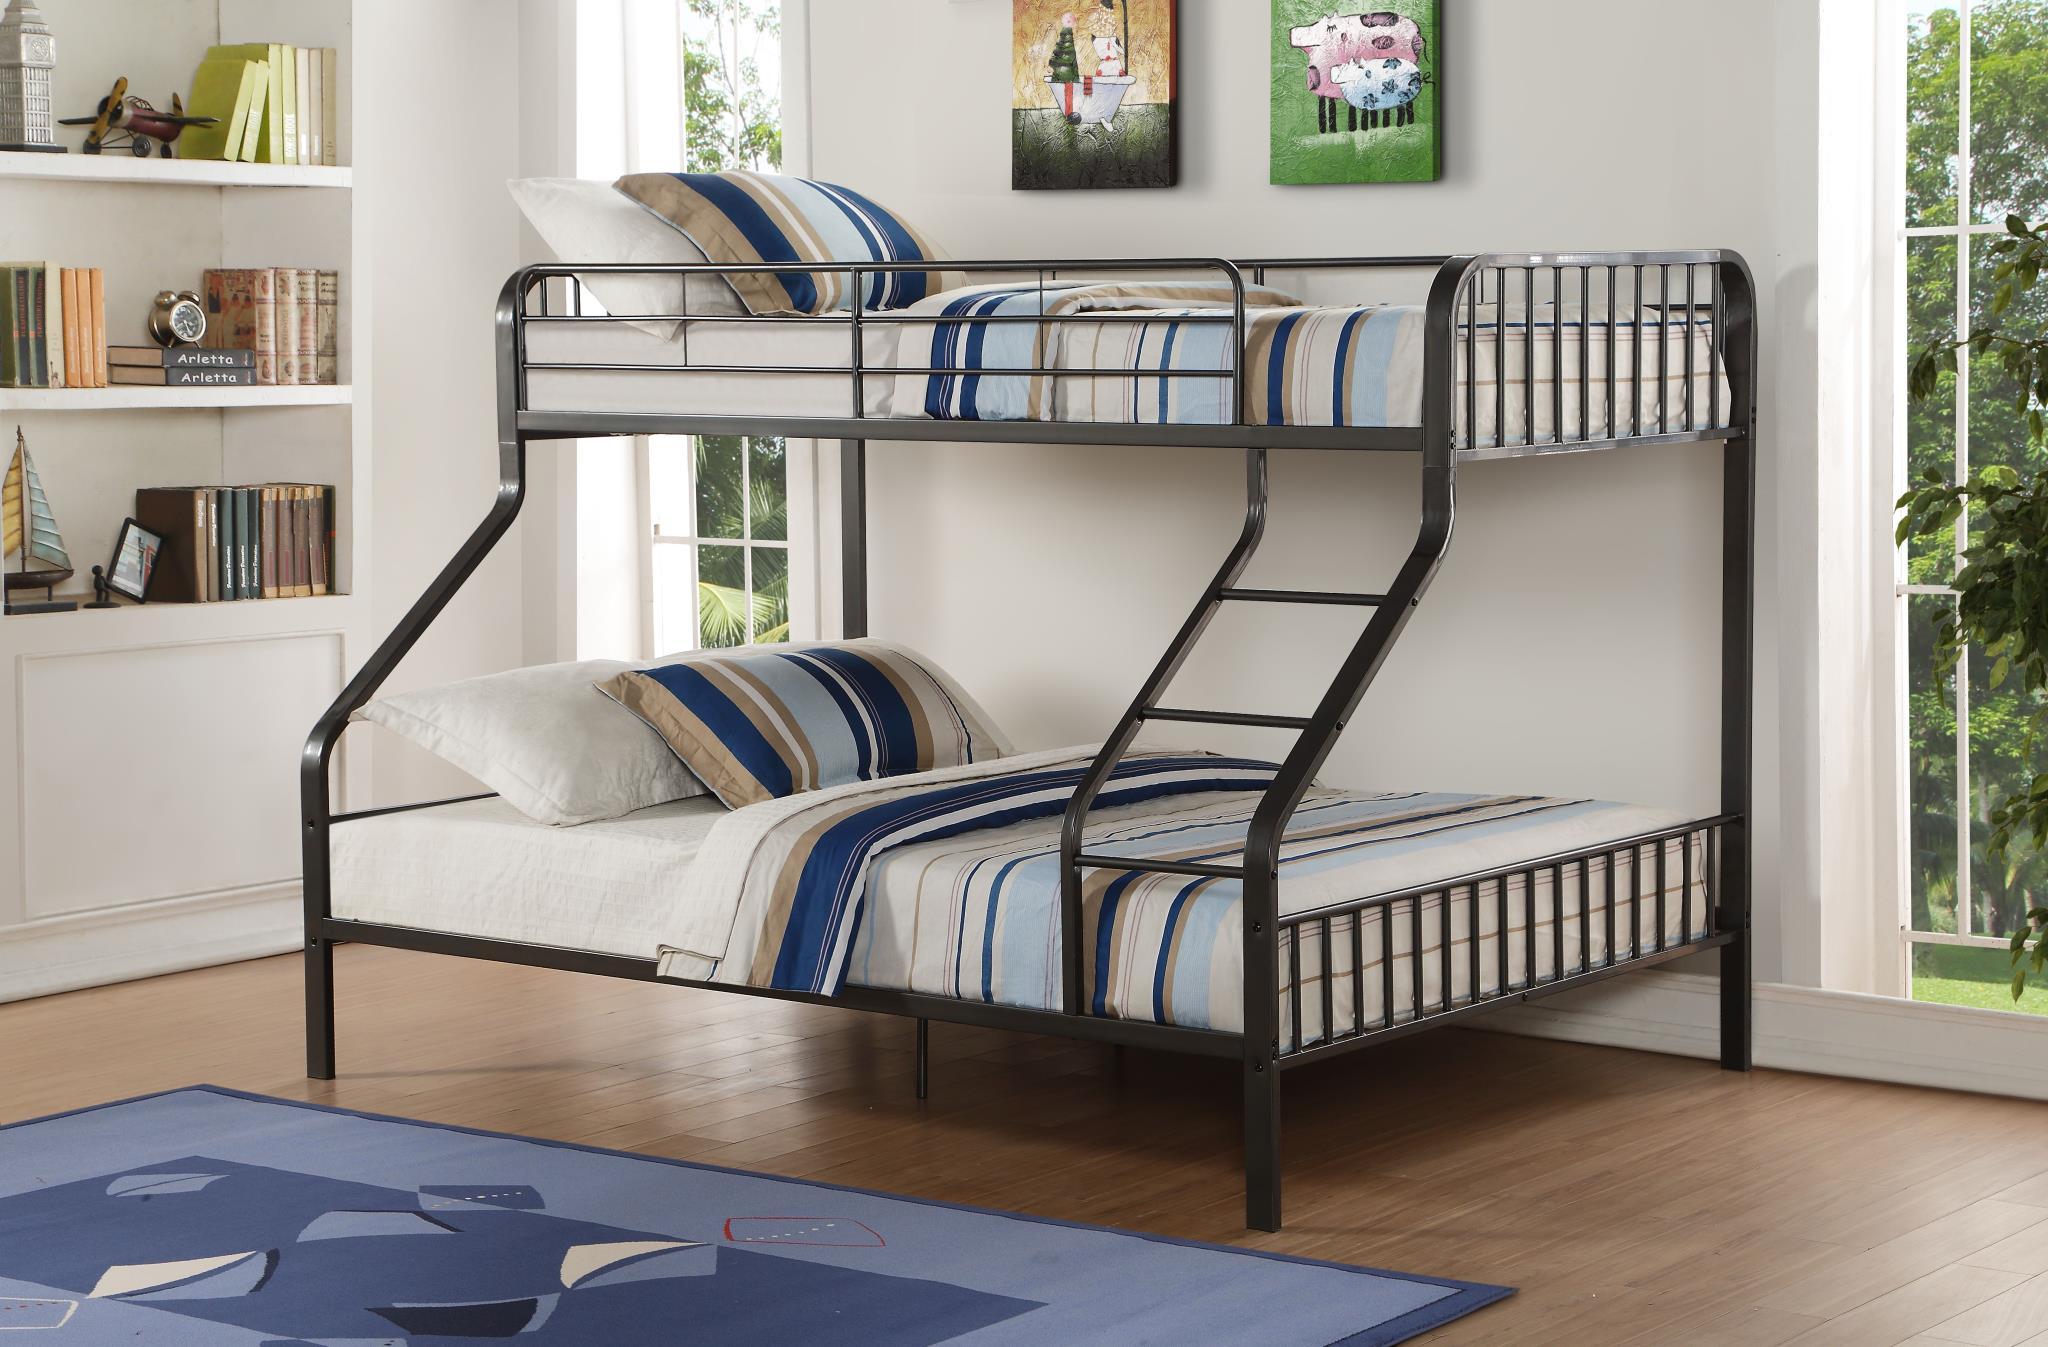 Twin XL/Queen Bunk Bed